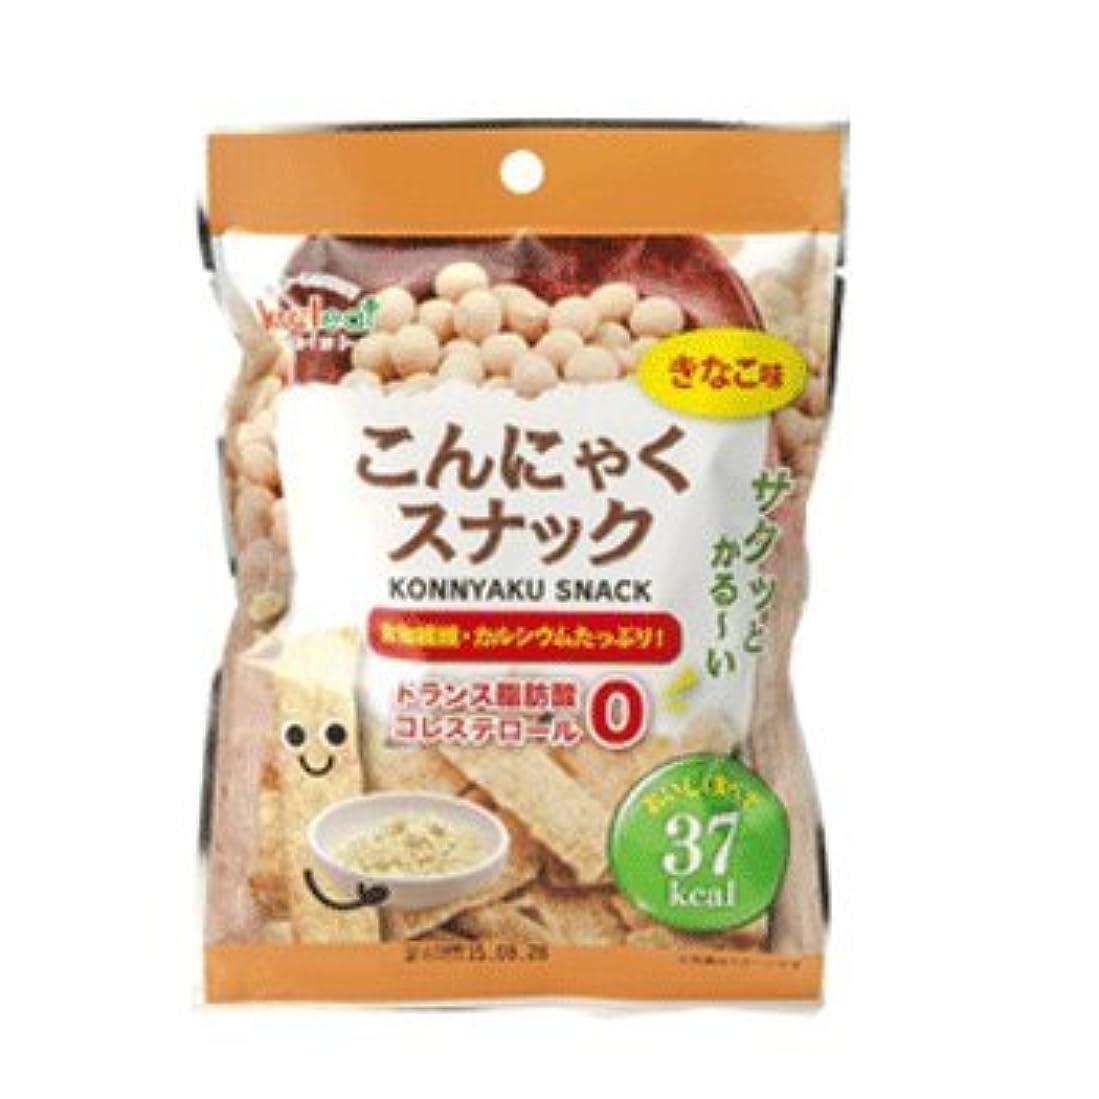 こんにゃくスナック きなこ味(1袋10g)×20袋入